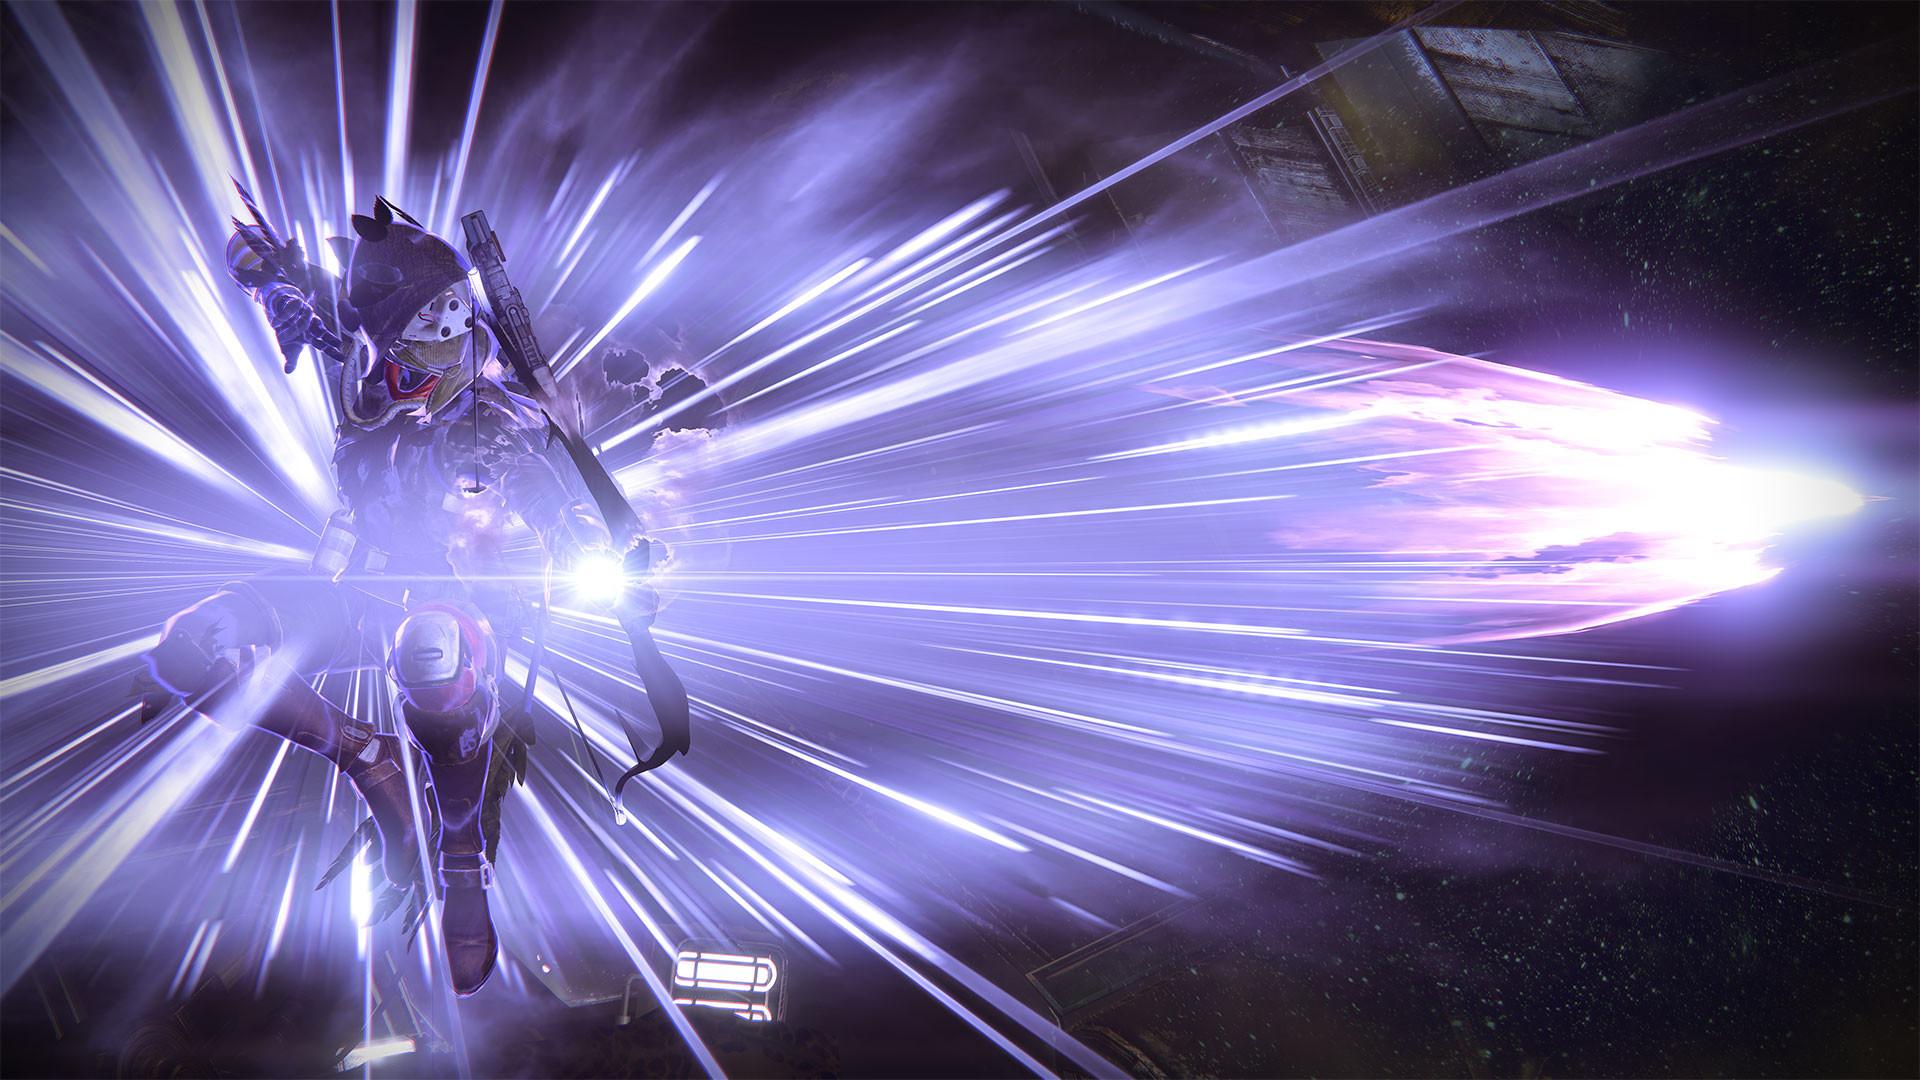 Destiny's The Taken King DLC Explained, Developer Diary Shows New .